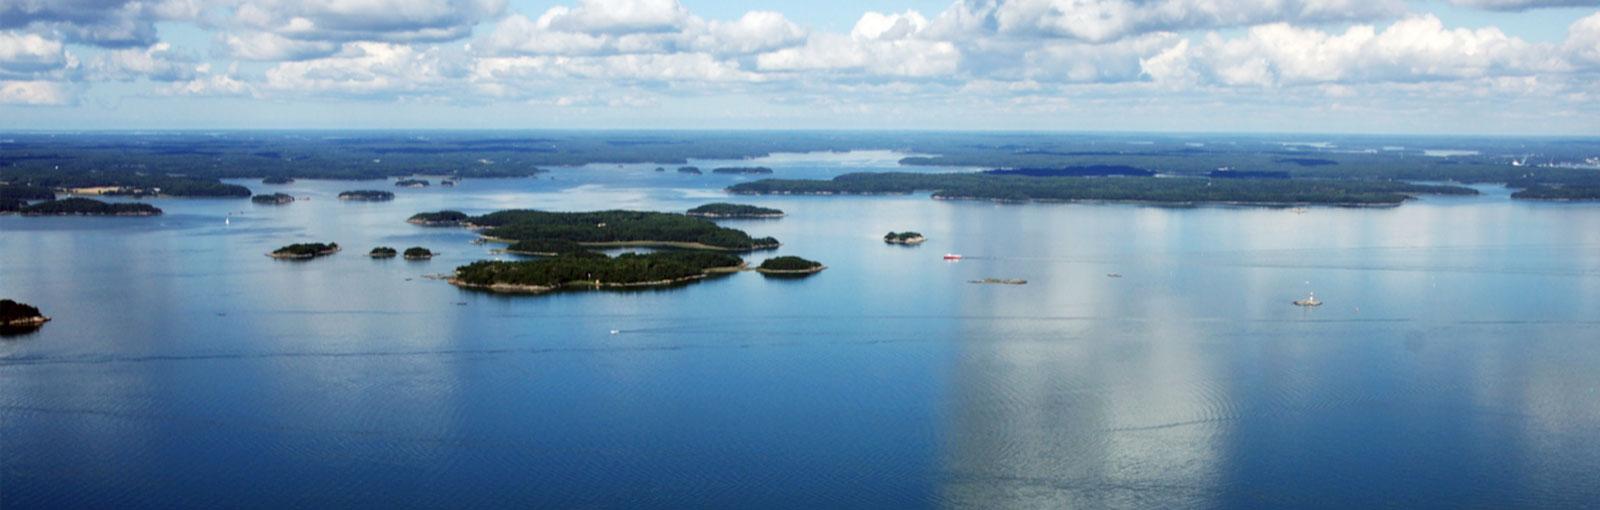 Pohjoismaiden Investointipankki rahoittaa poistoputki-hanketta